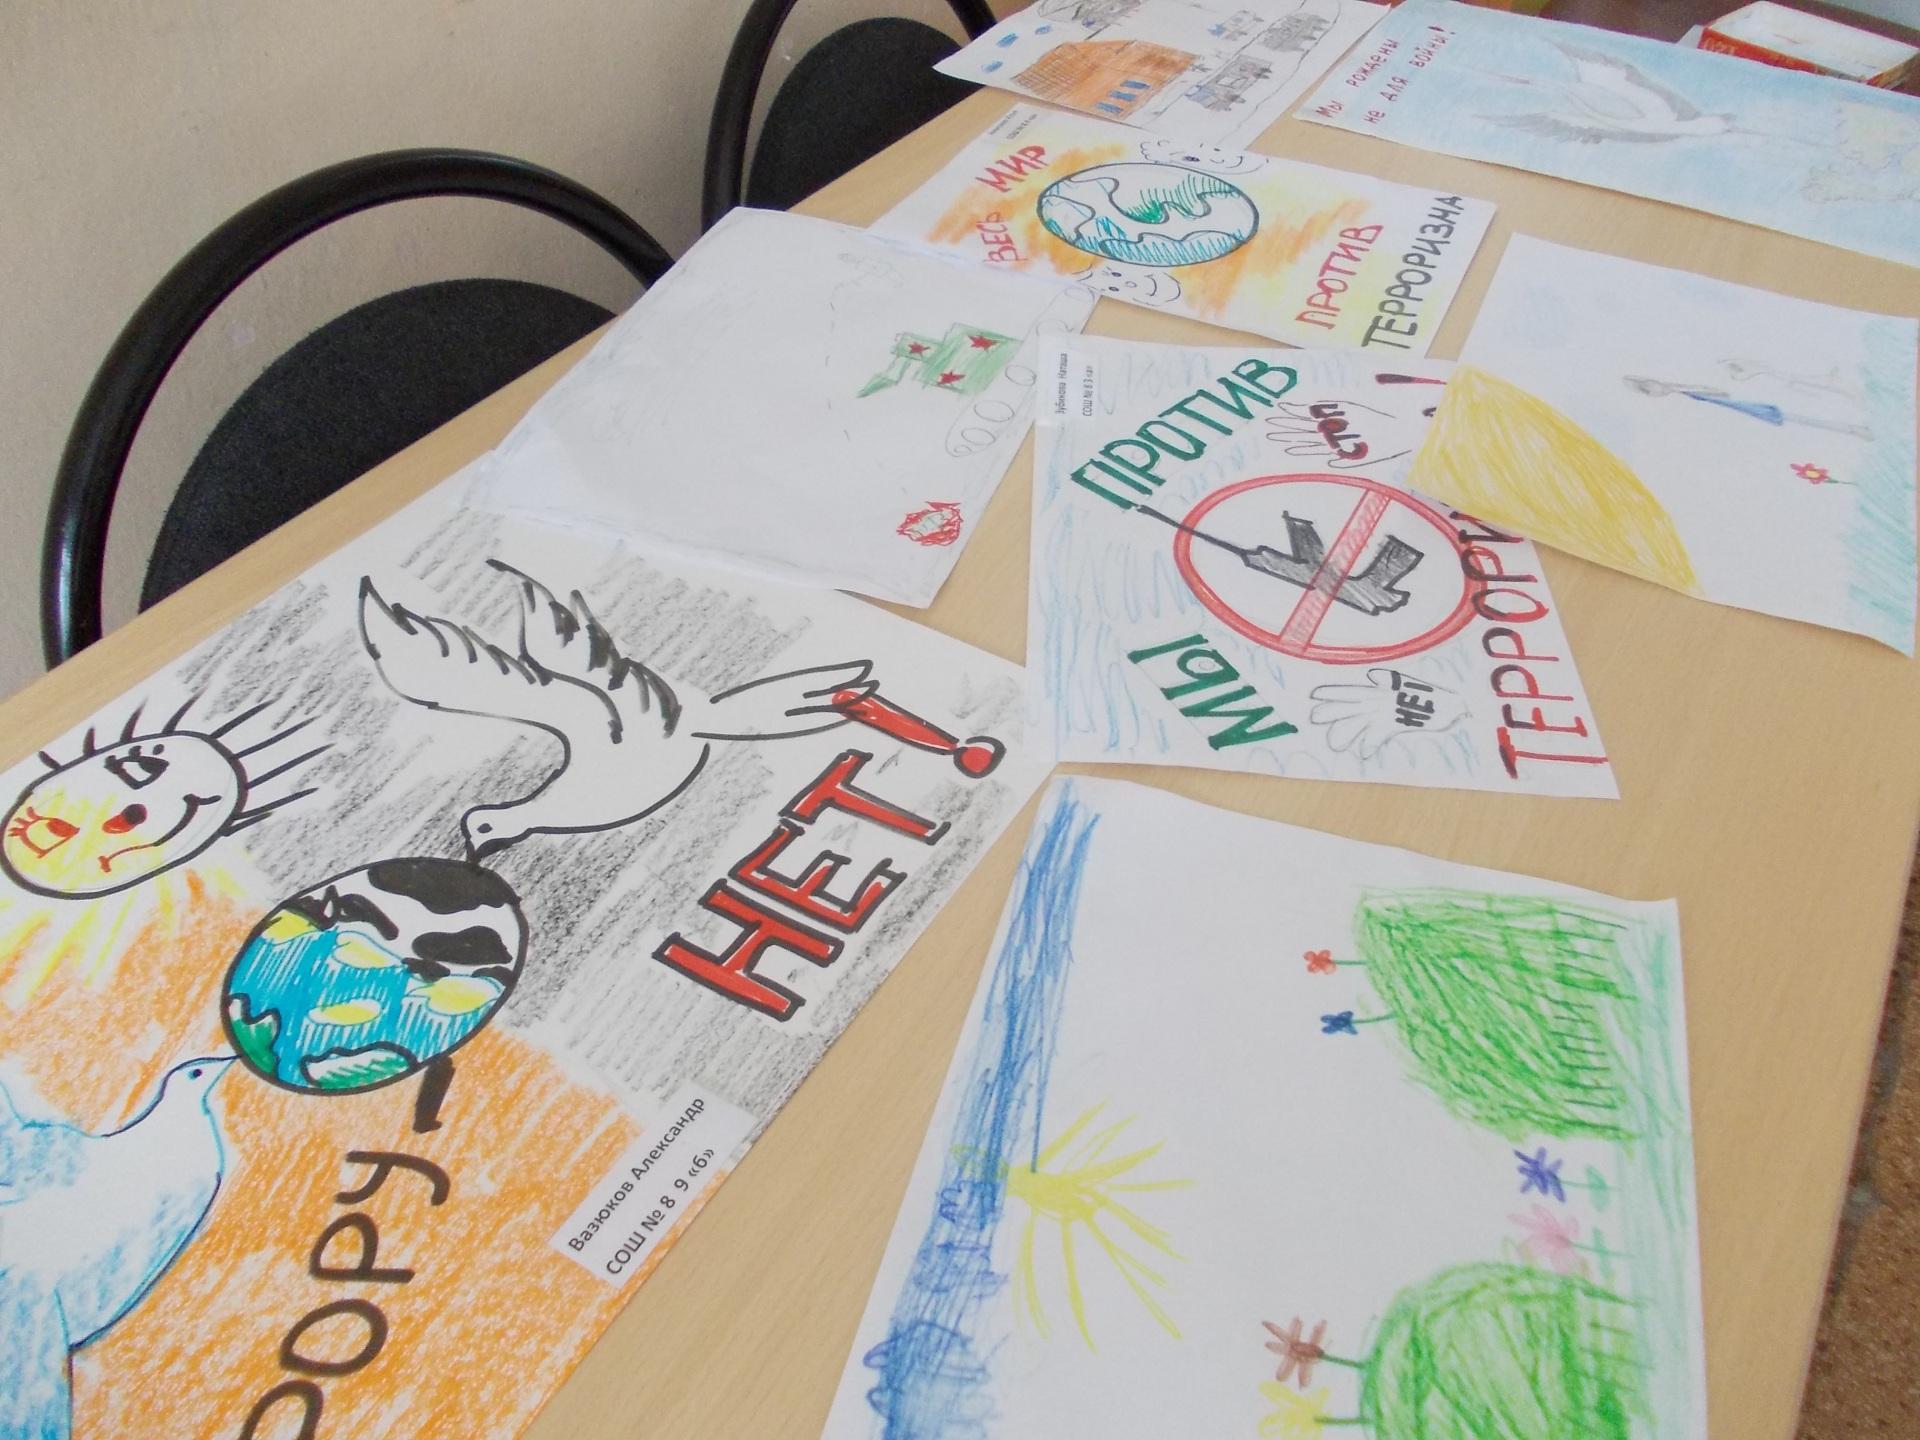 В Инте в День солидарности по борьбе с терроризмом почтят память жертв Беслана